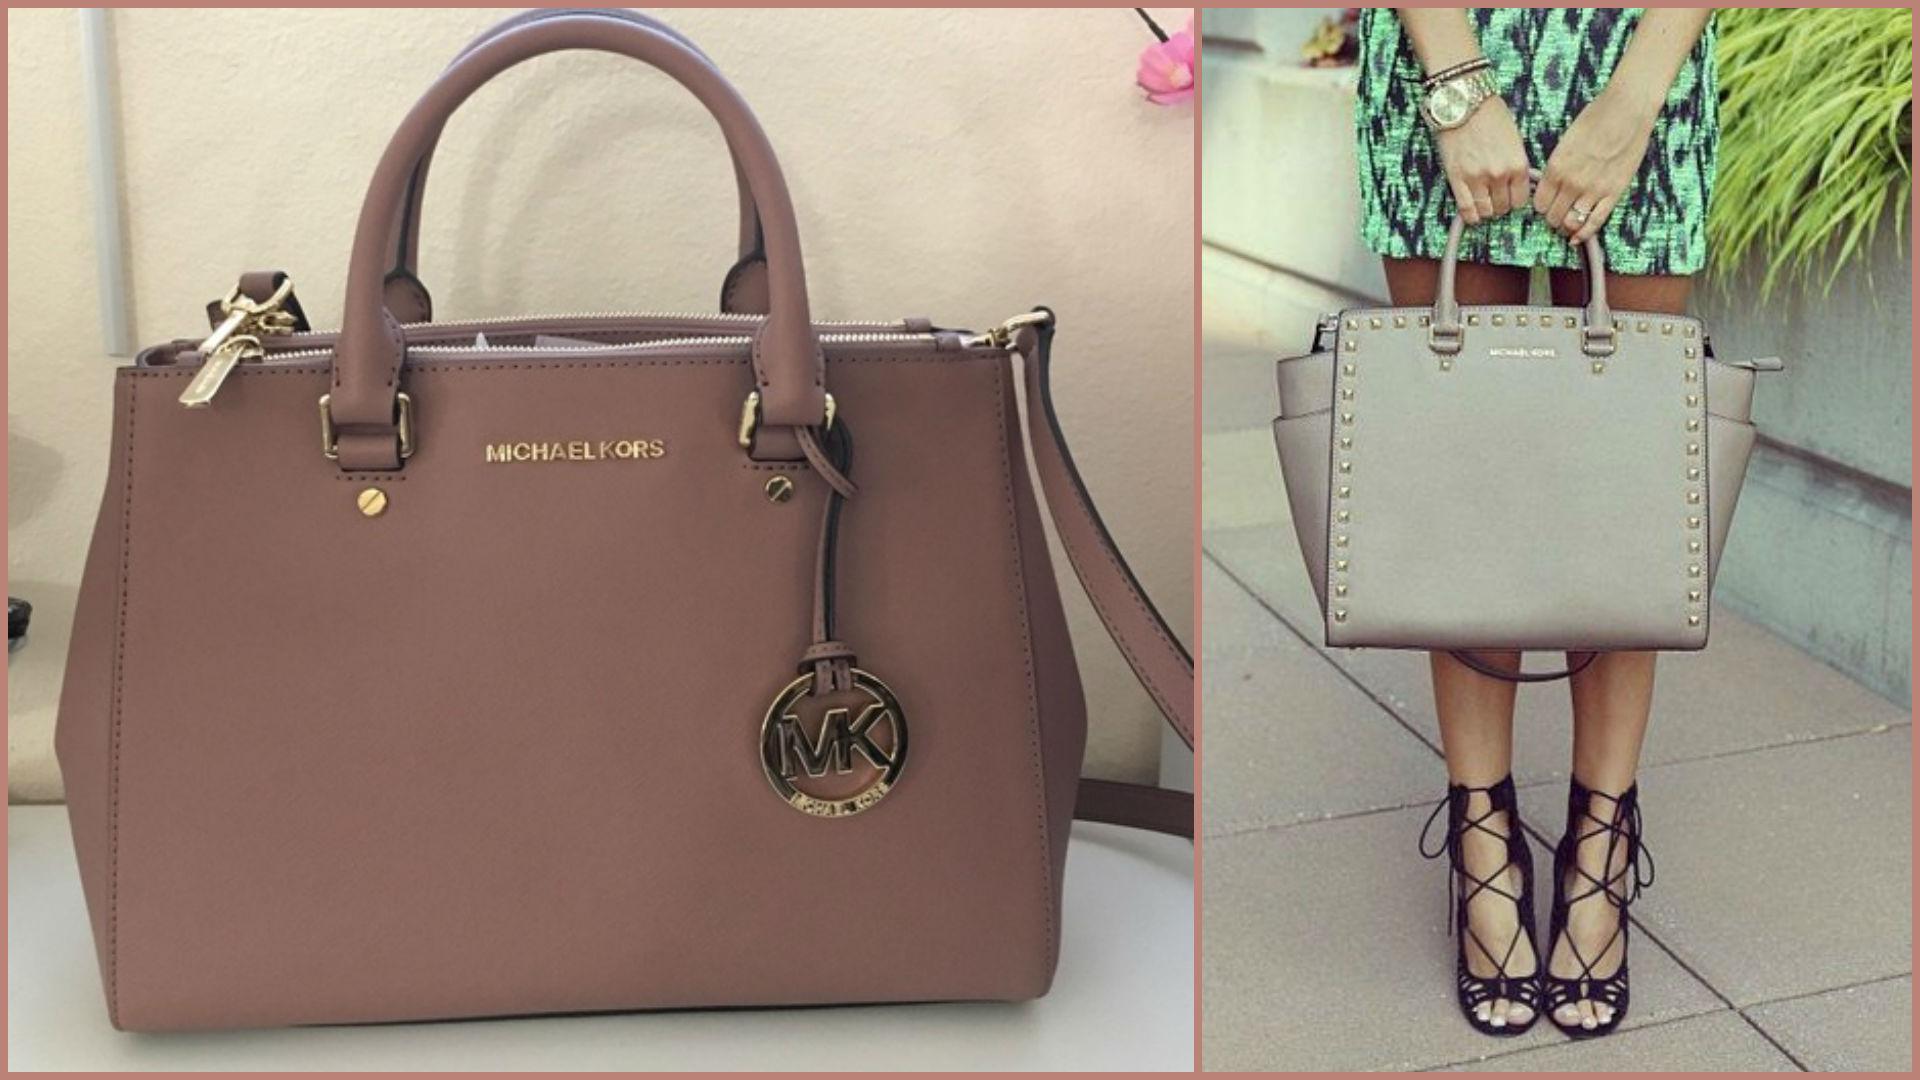 Модные сумки весна-лето 2018: трендовые модели, фото